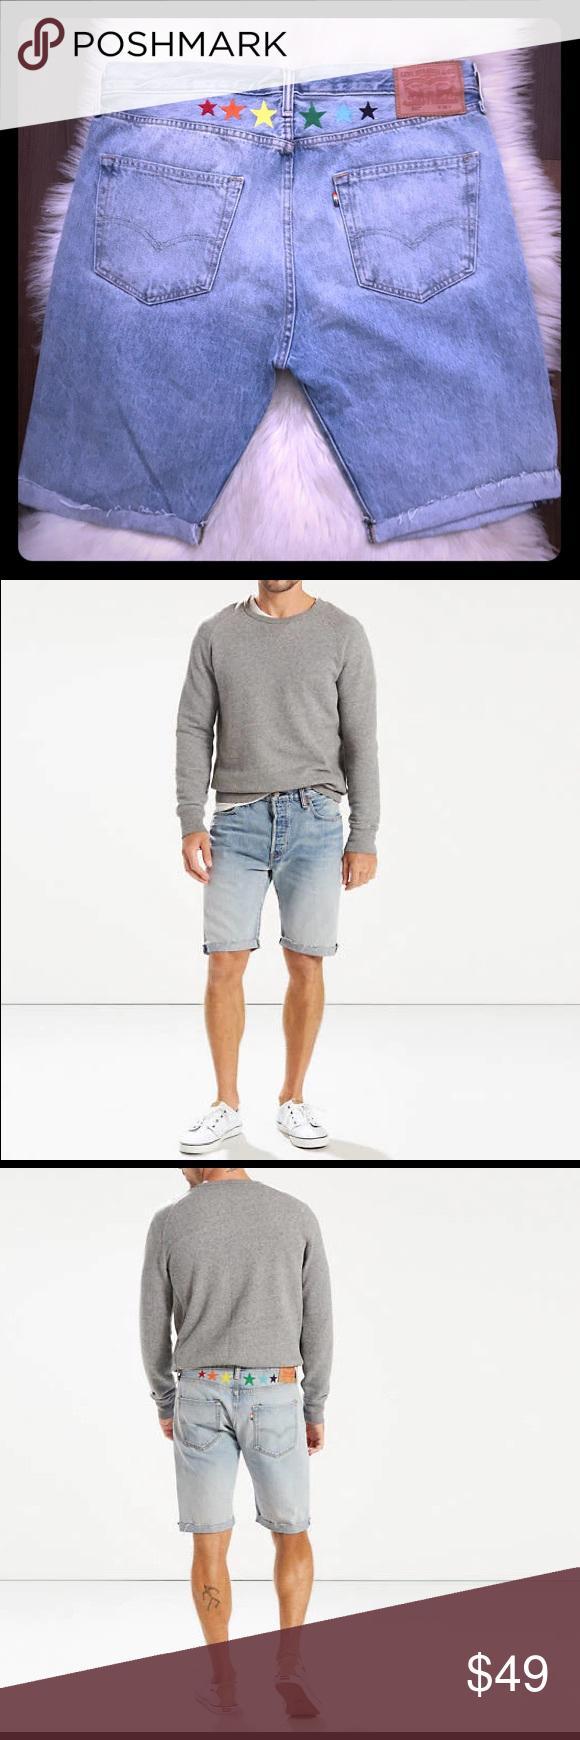 5972582cb96e Levi s 501 Original Cut Off Shorts 🌈 Pride Ltd Ed Limited edition Levi s  501 original fit cut off shorts for 2018 pride 🌈👖 Rainbow stars on the  back